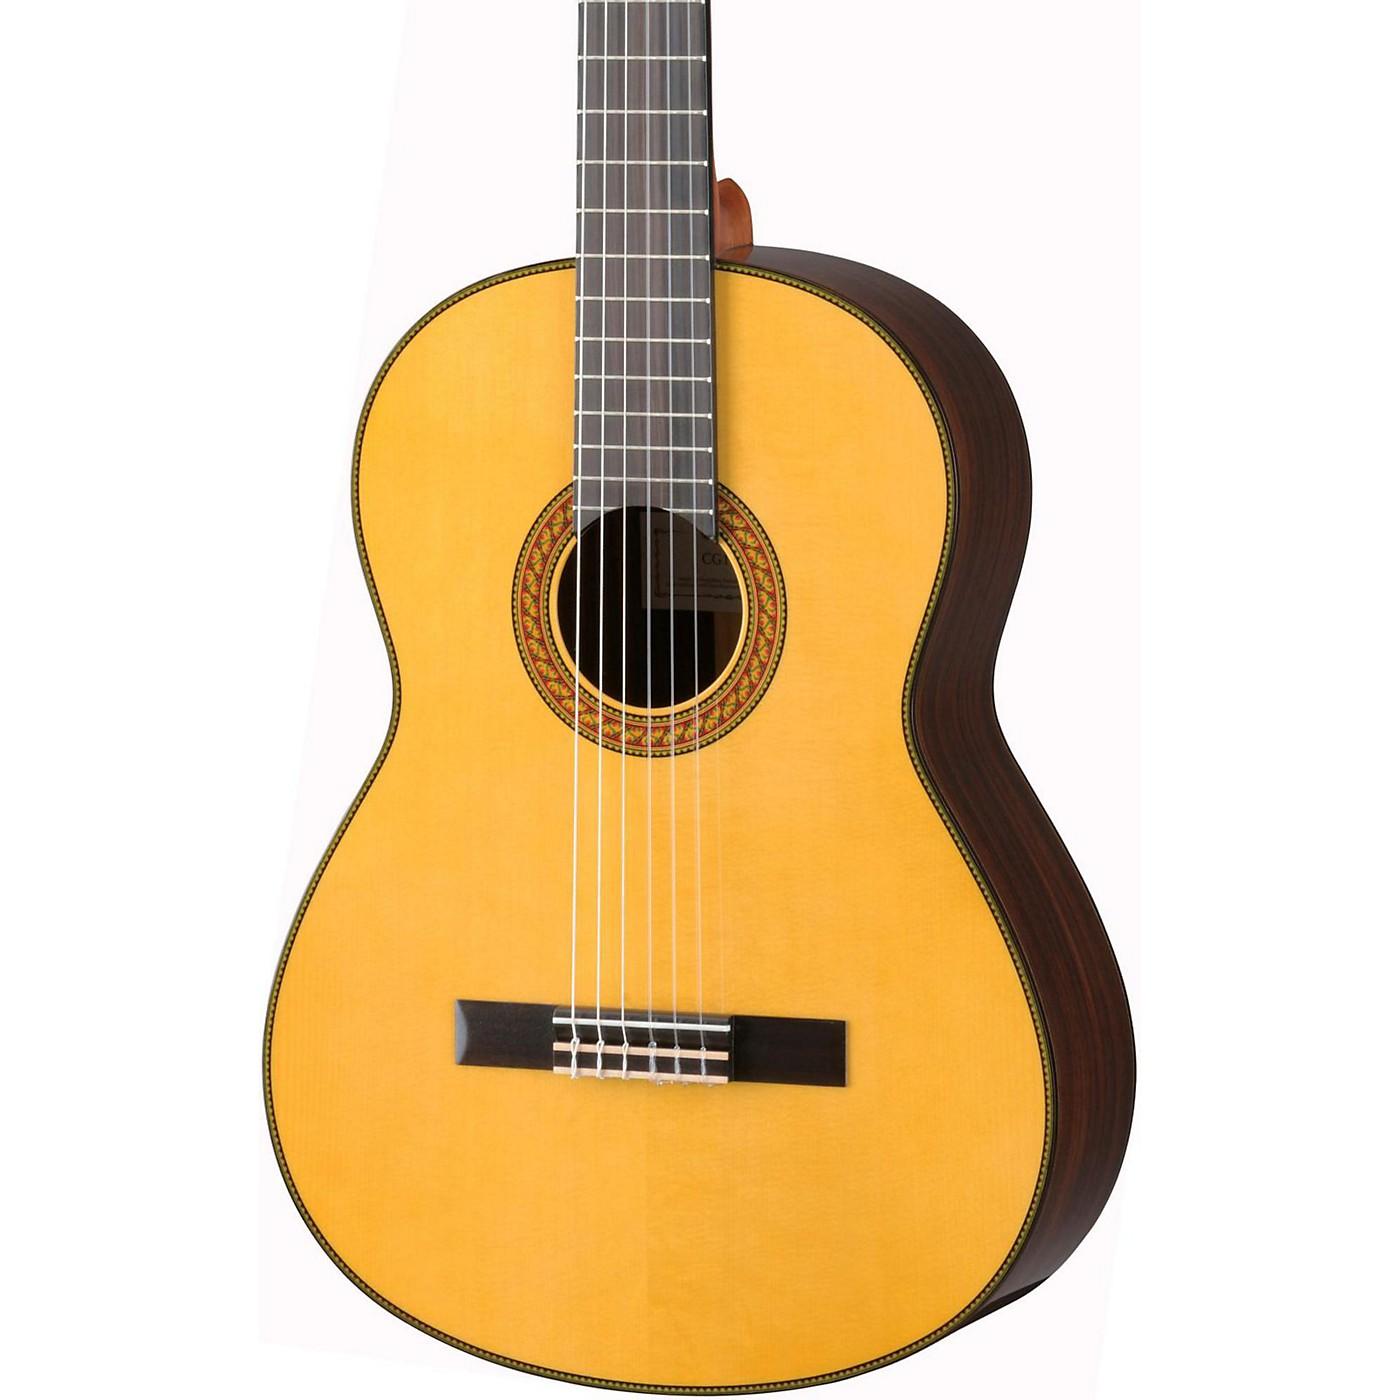 Yamaha CG192S Spruce Top Classical Guitar thumbnail